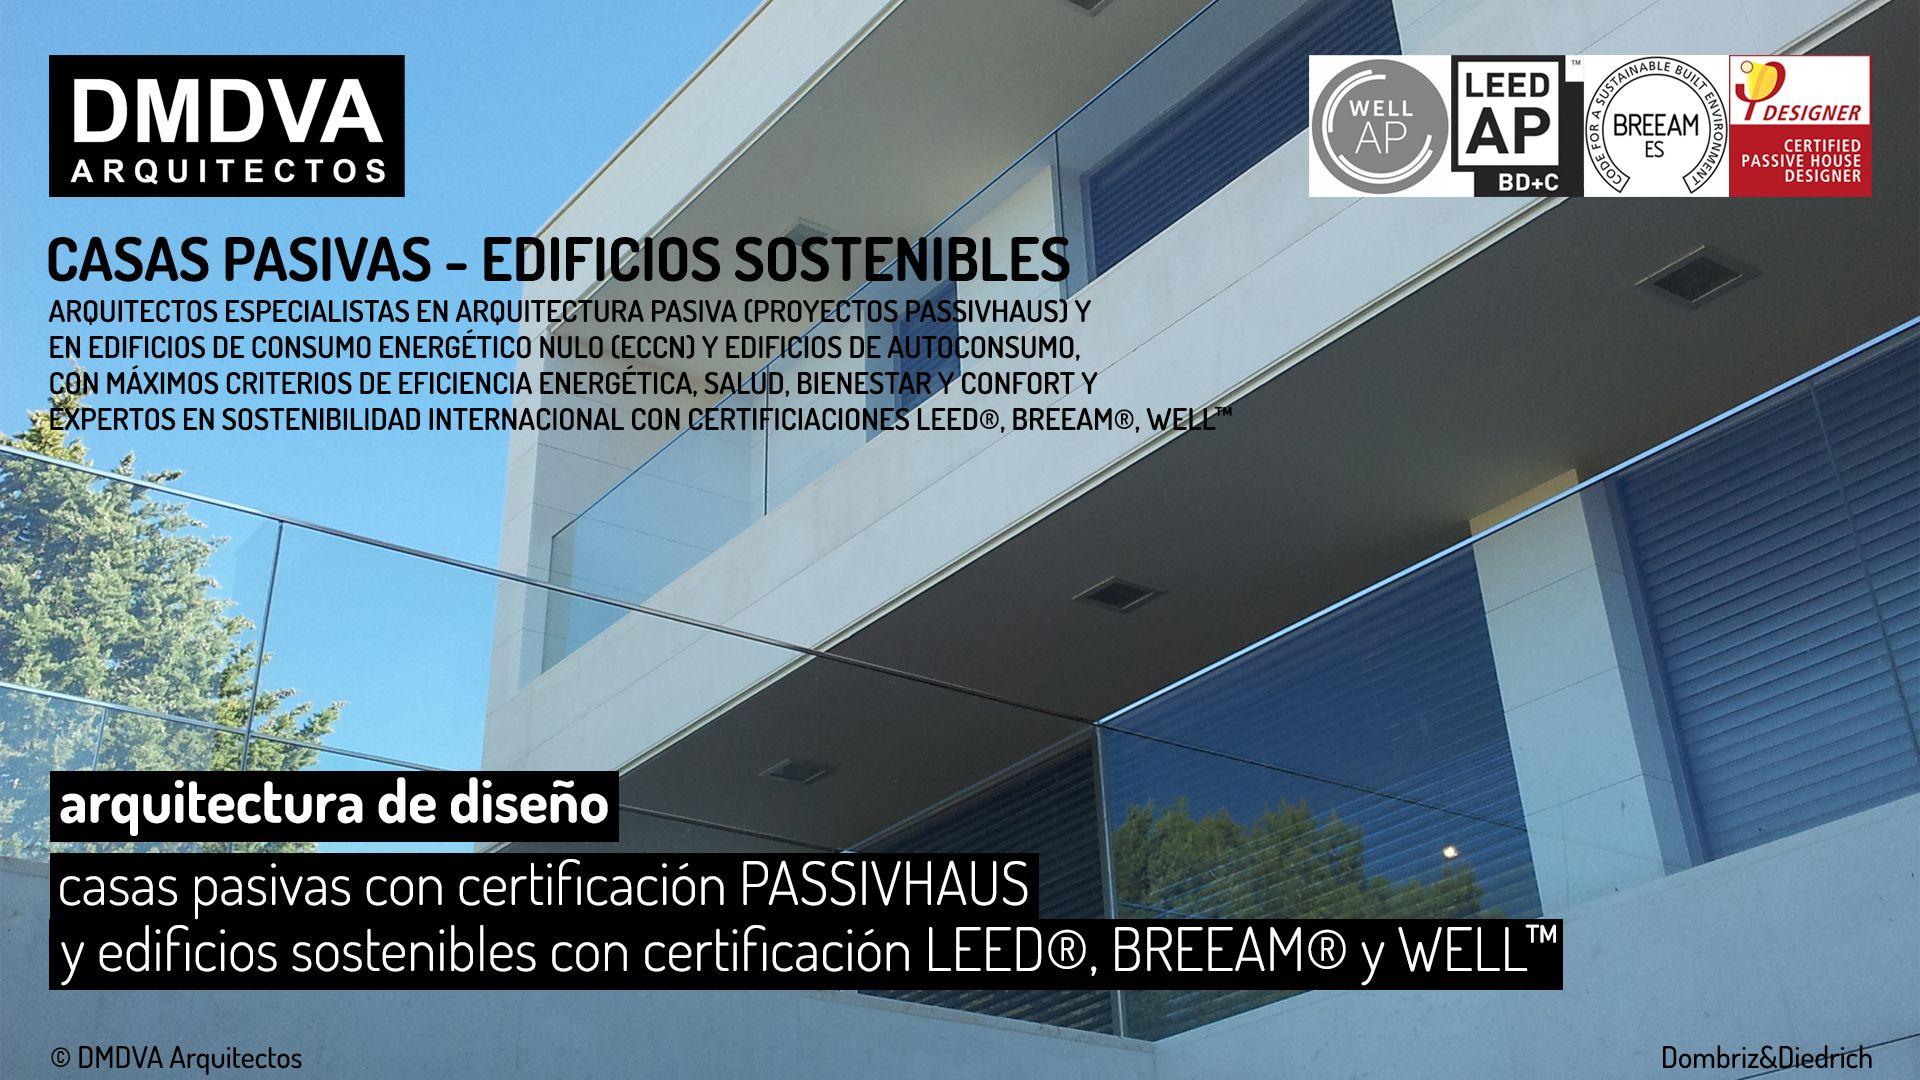 Arquitectos en madrid estudio dmdv arquitectos madrid - Arquitectos en espana ...